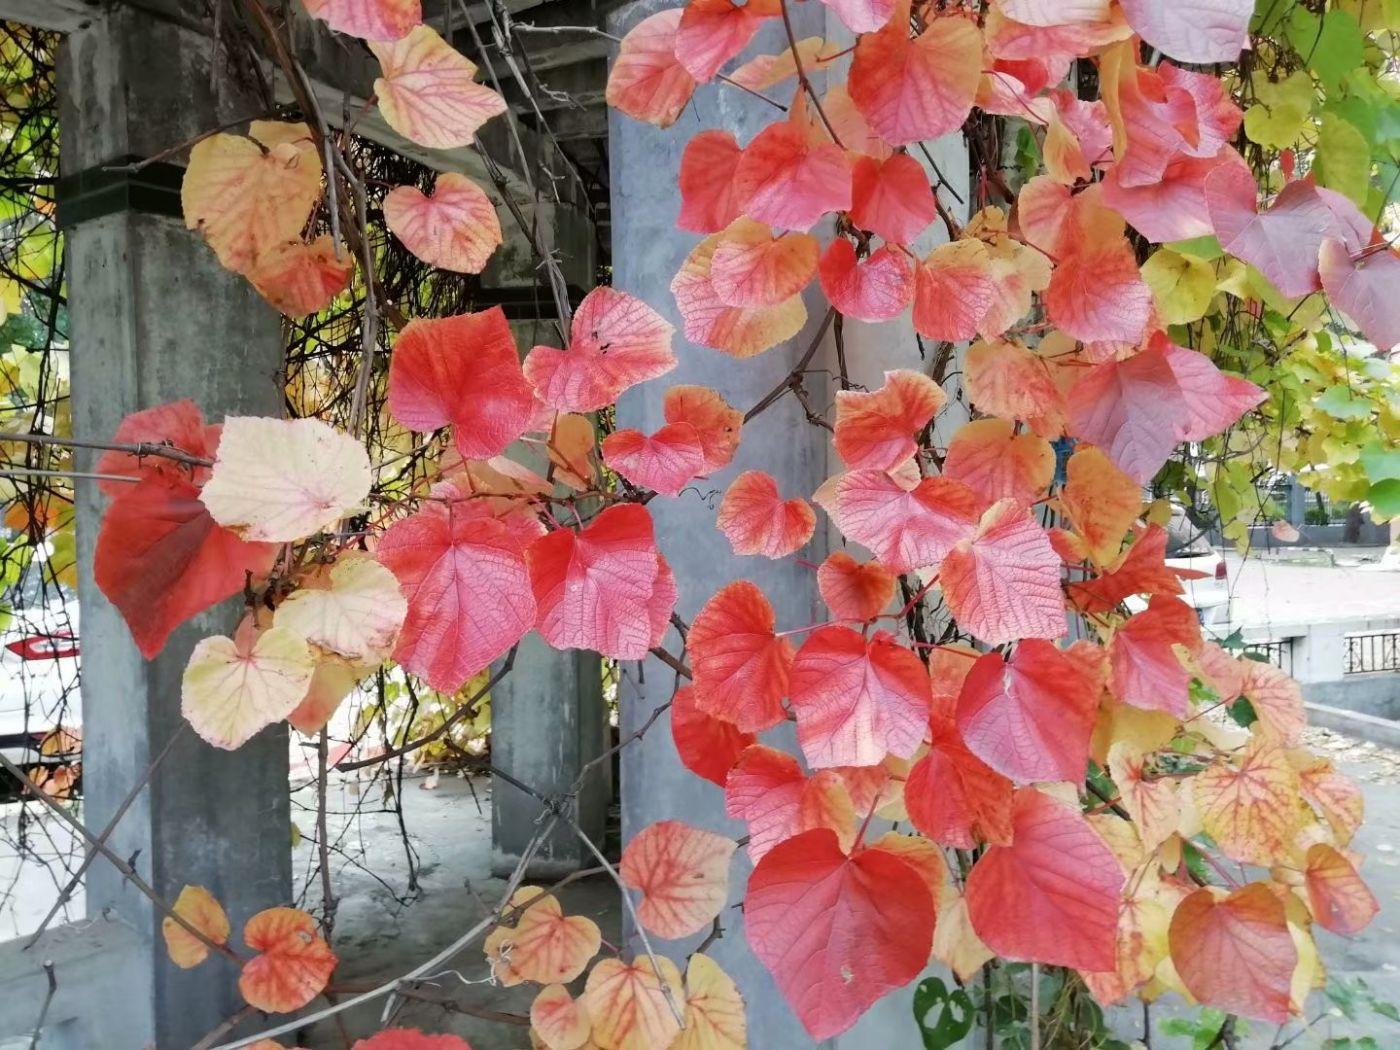 林园秋色(图)_图1-1